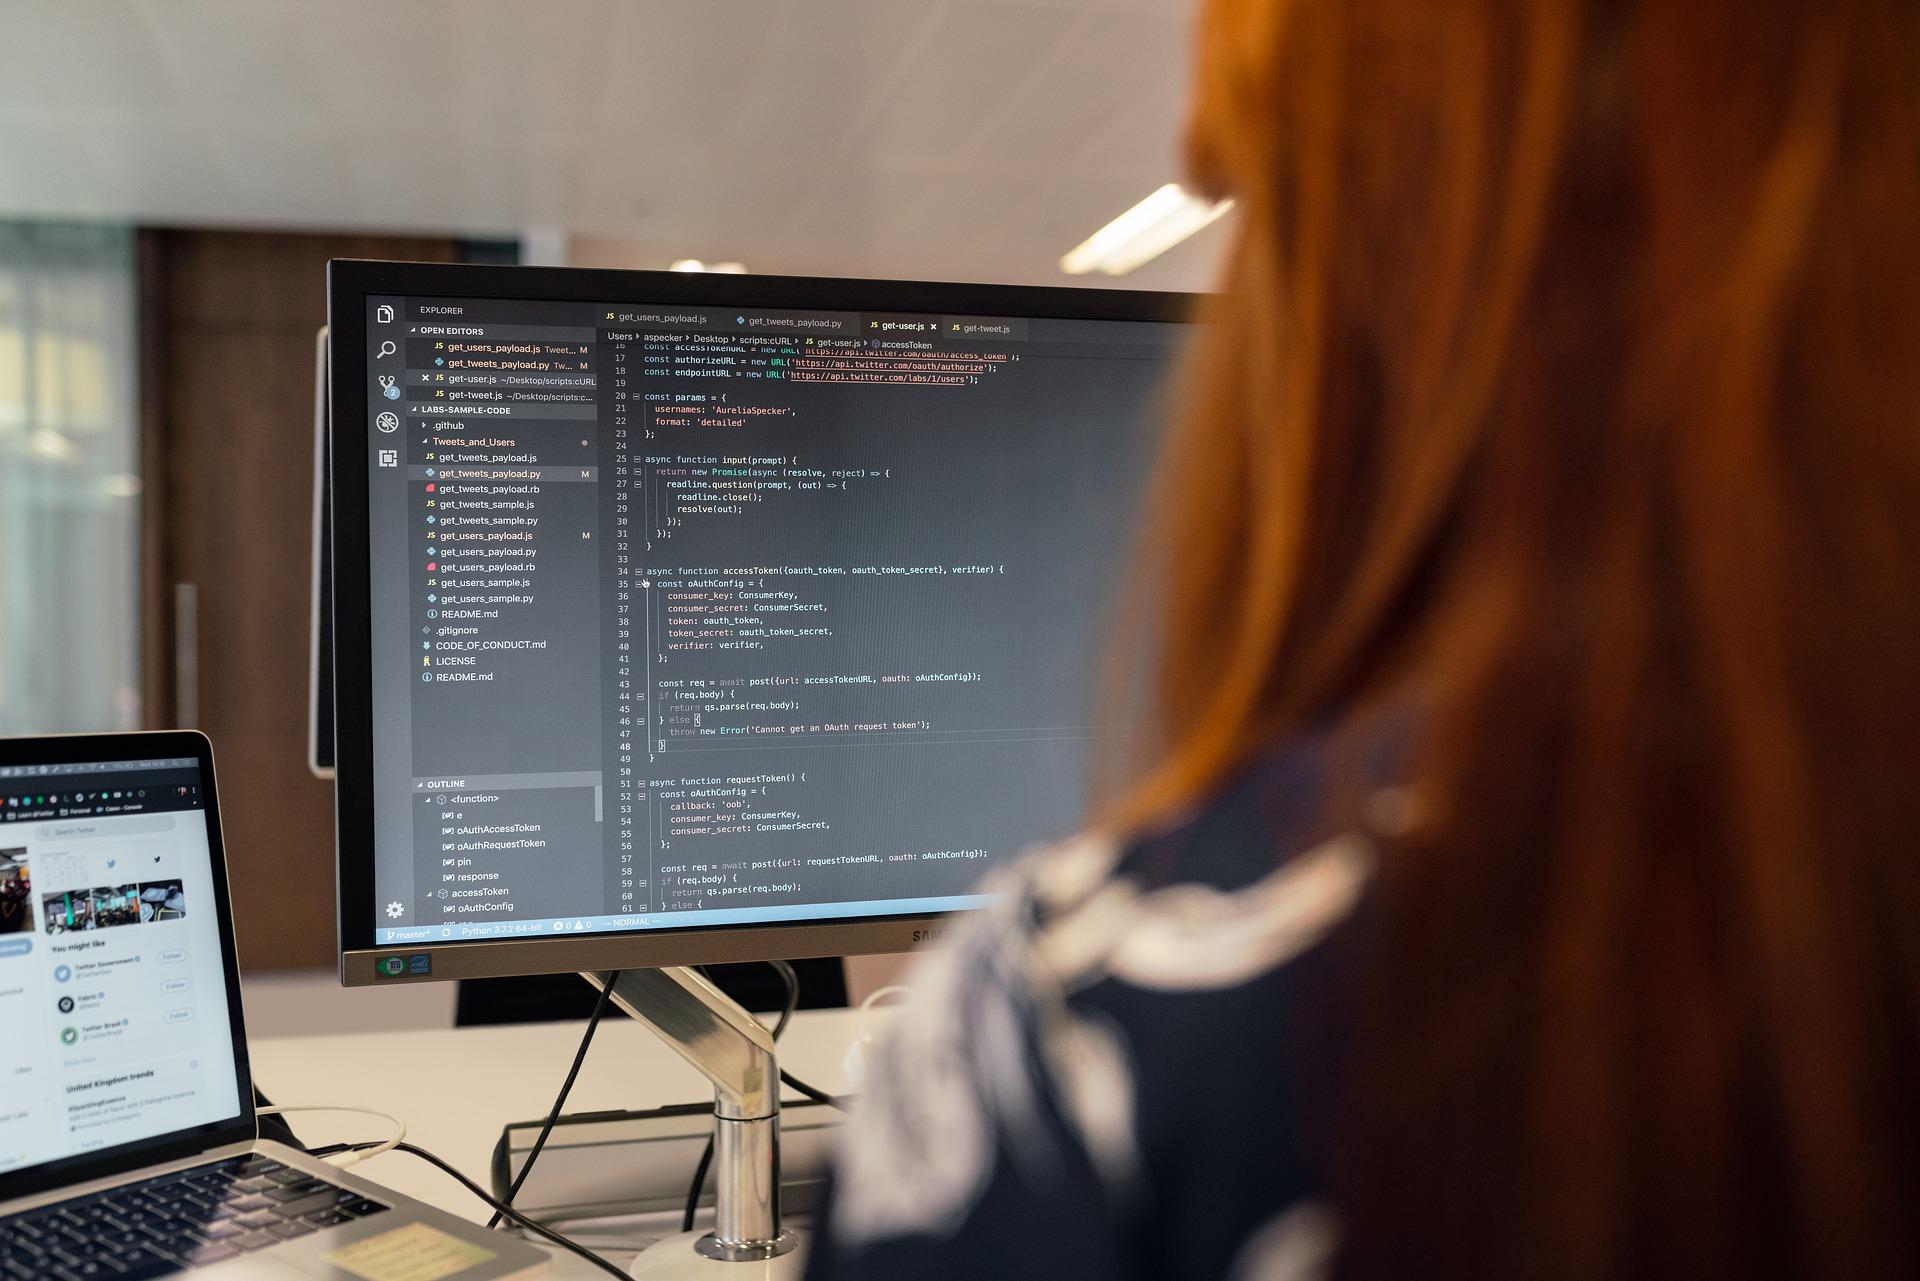 Höhere Produktivität durch professionelle Softwarelösung